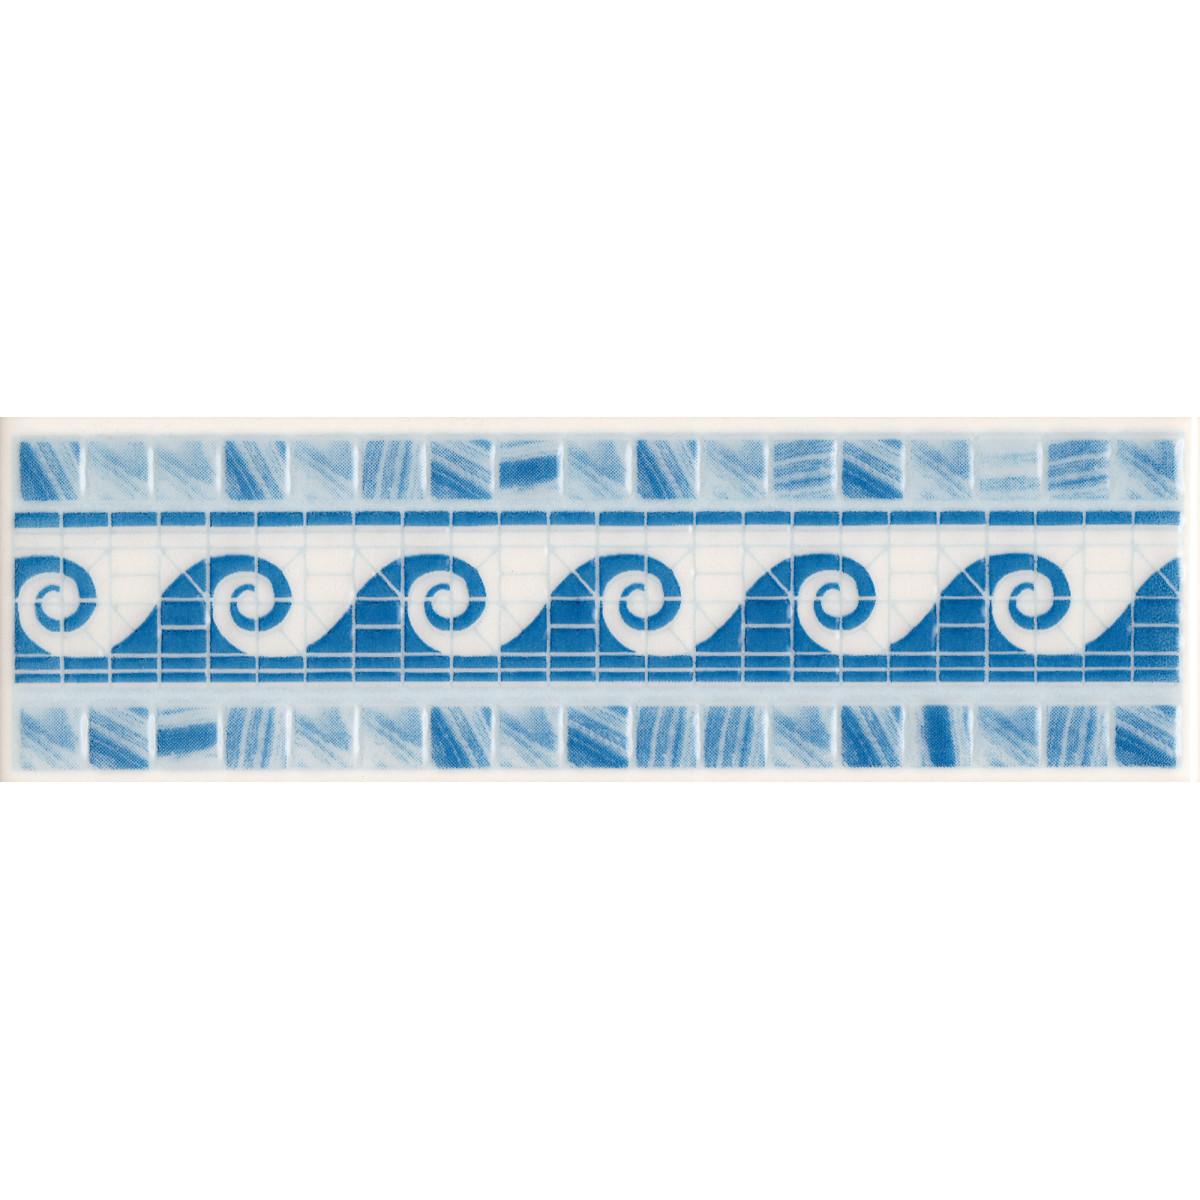 Бордюр «Reef» 6x20 см цвет синий